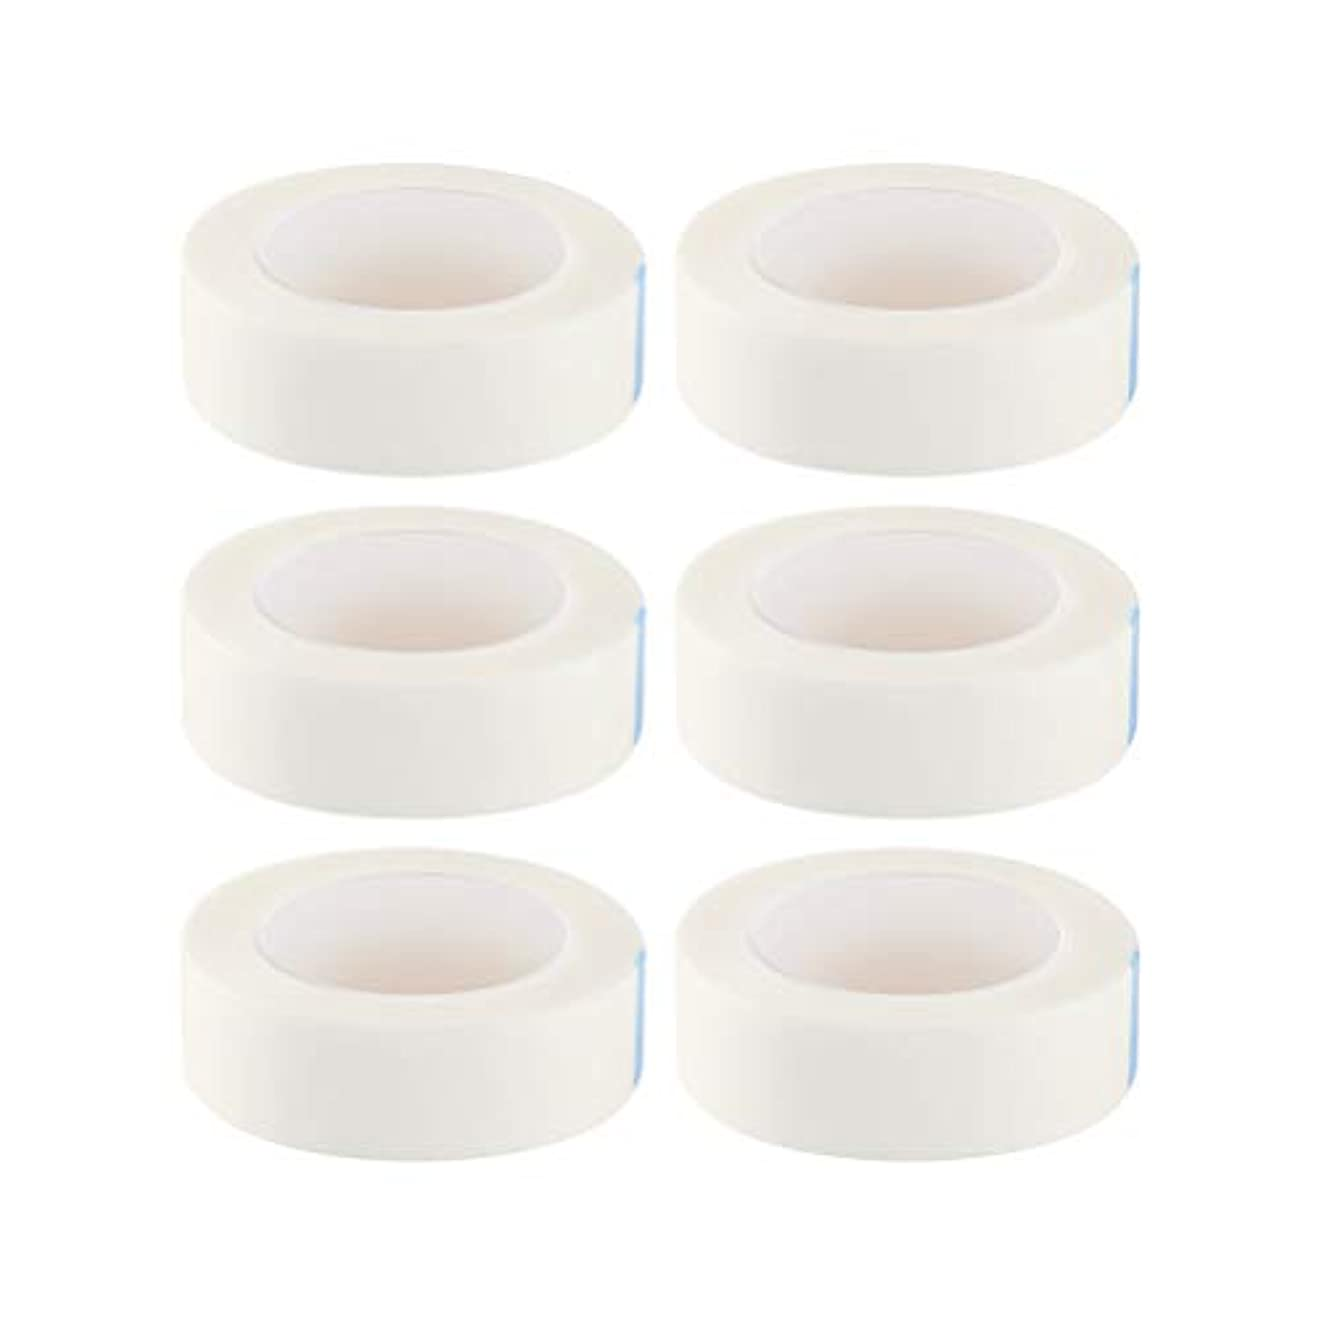 温度海聴衆SUPVOX 12ロールまつげ絶縁テープまつげラッシュエクステンションテープ不織布医療用テープ医療用テープ(白)